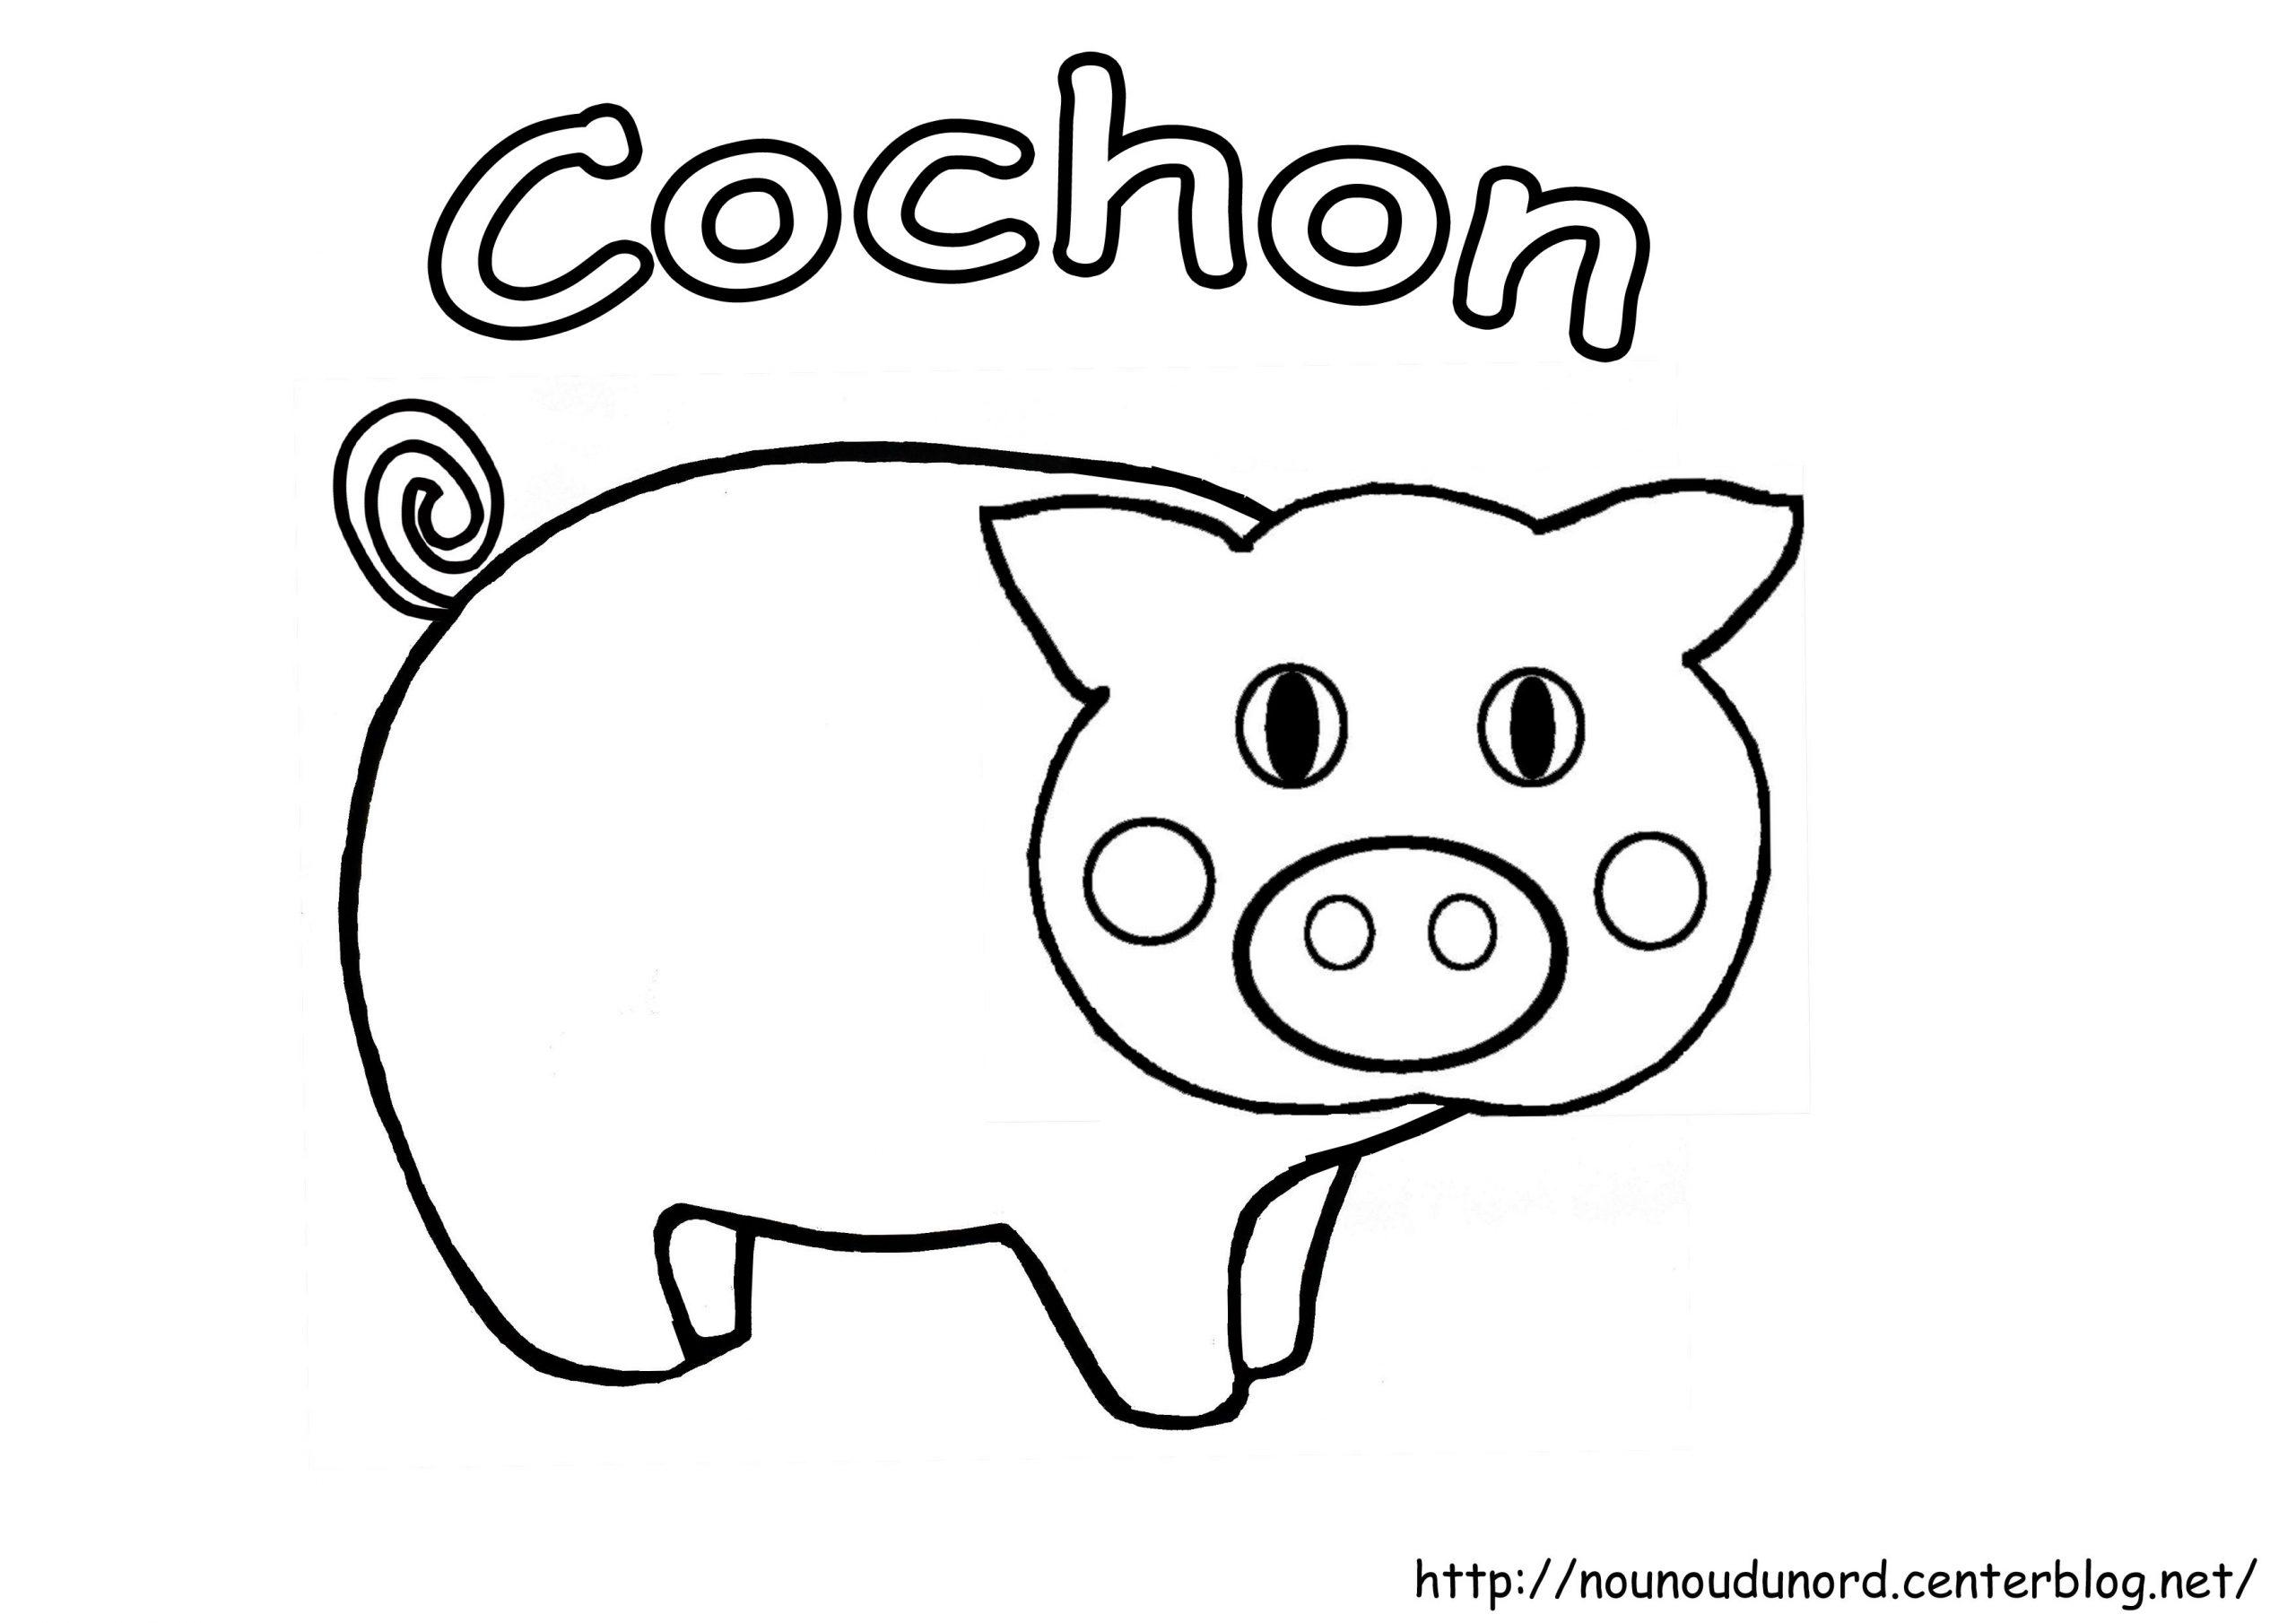 116 Dessins De Coloriage Cochon À Imprimer avec Dessin À Colorier Cochon